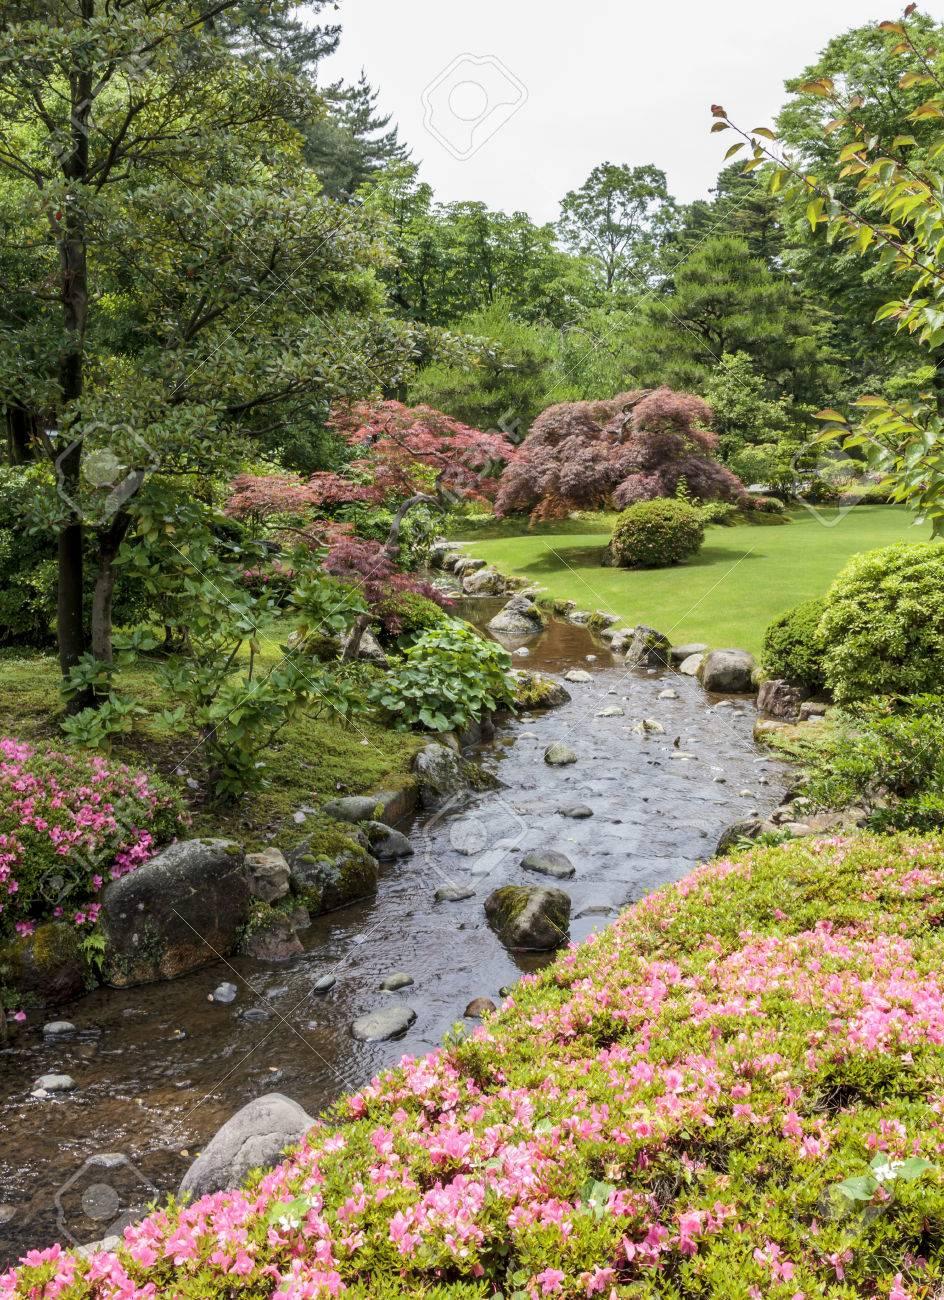 fragment d'un jardin japonais avec ruisseau, fleurs roses et d